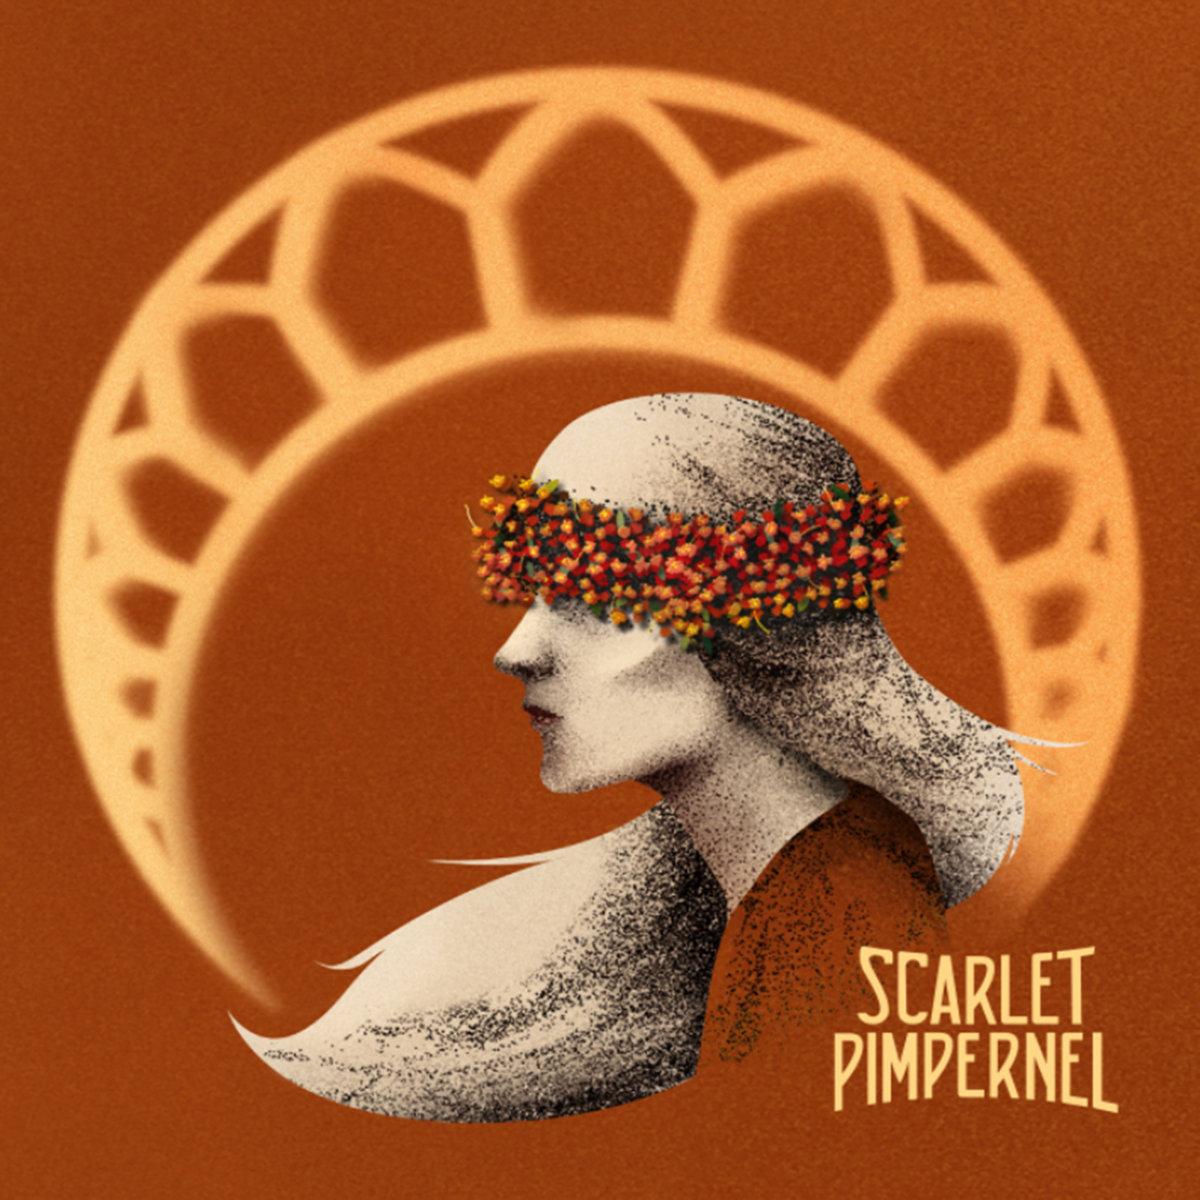 Reseña: SCARLET PIMPERNEL.- 'Scarlet Pimpernel'